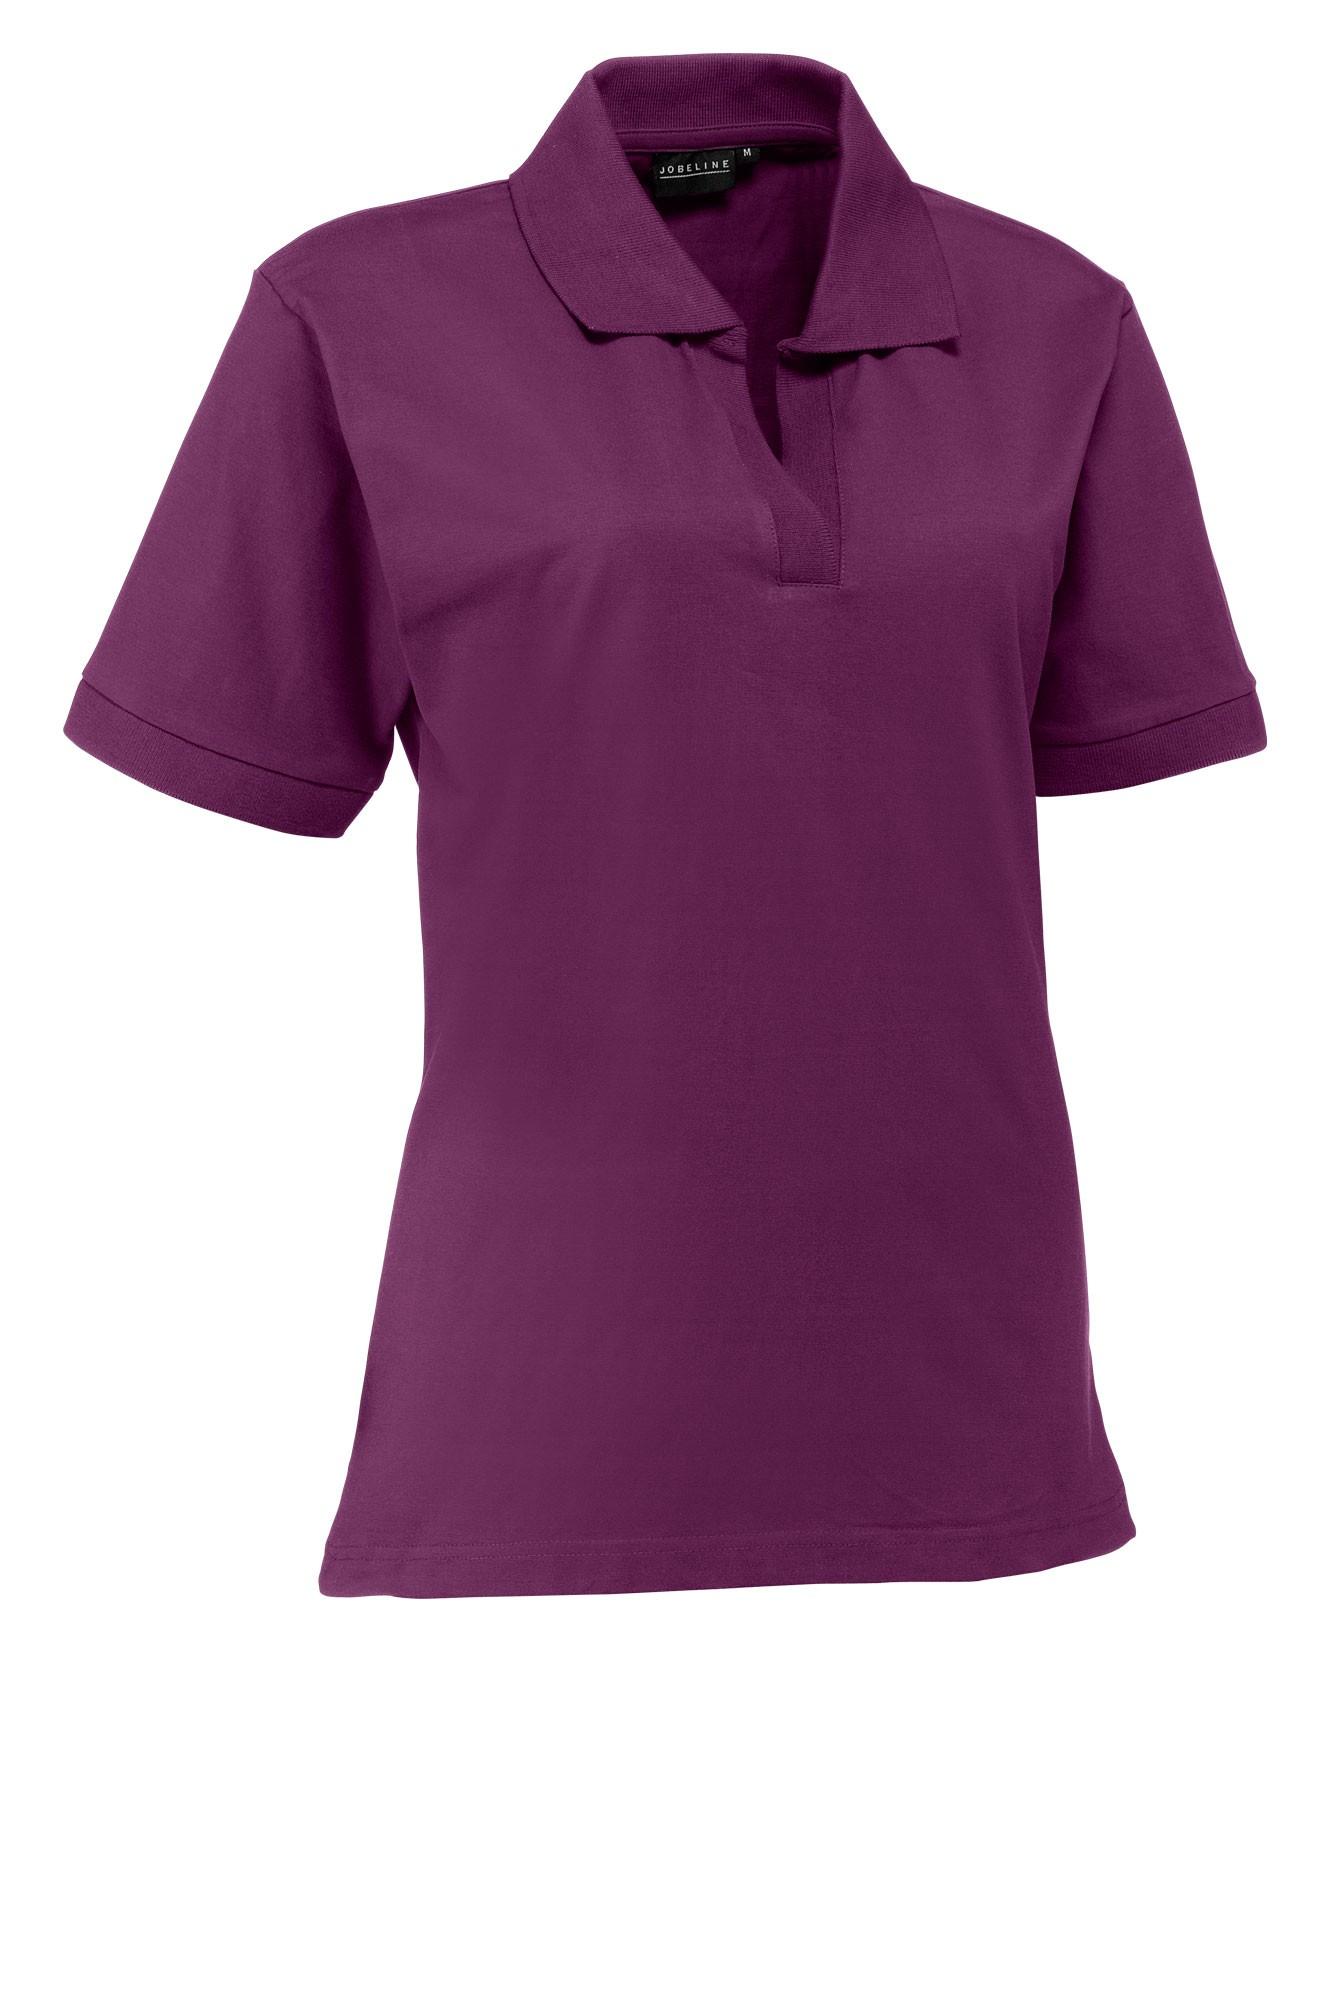 Dámské tričko Benita - švestková